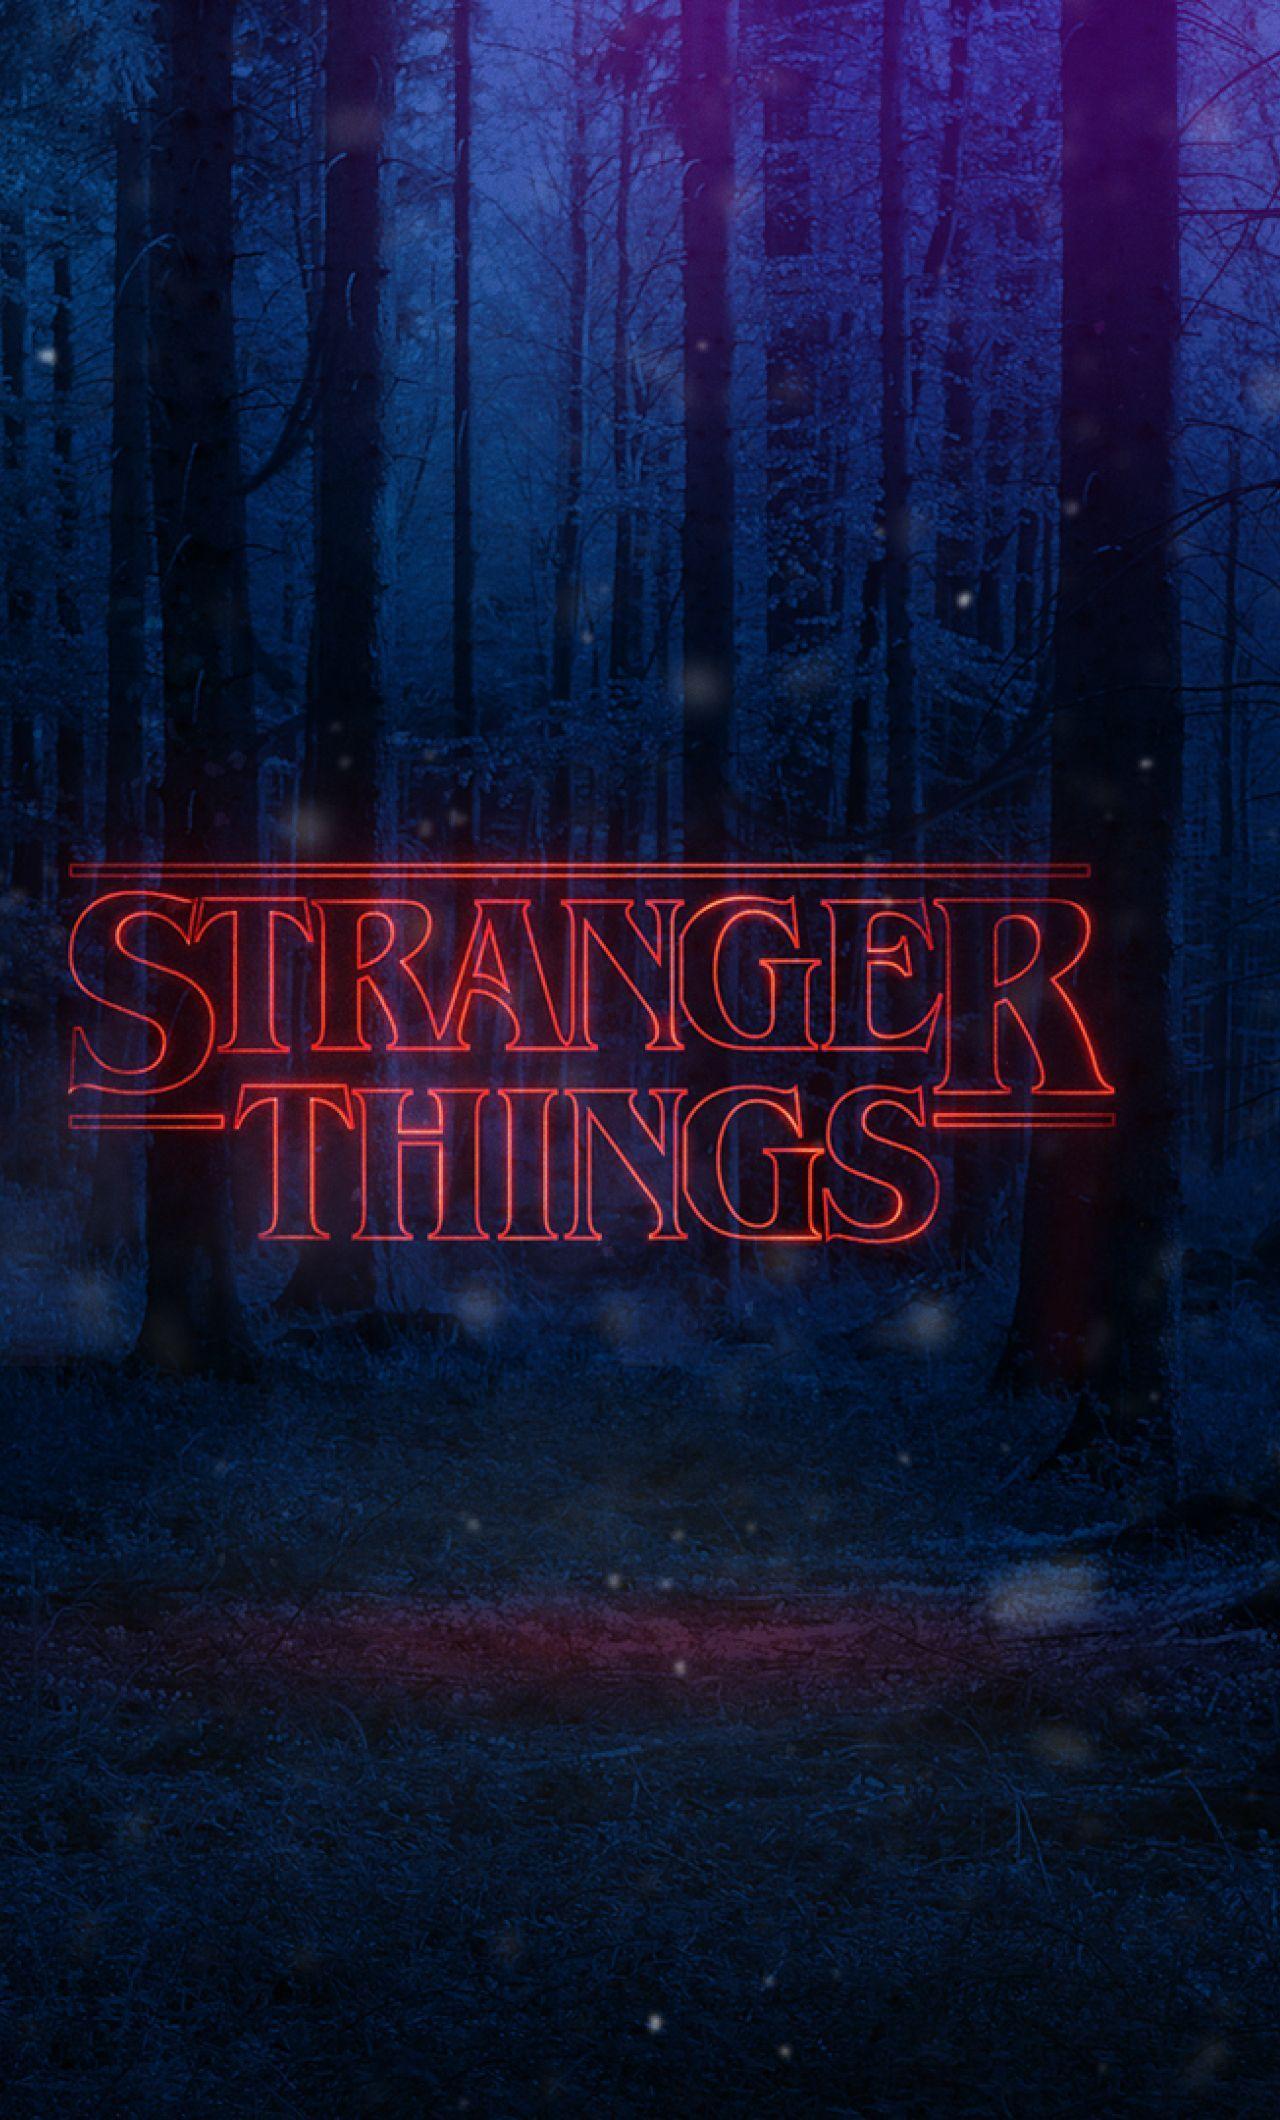 Sfondi iphone stranger things